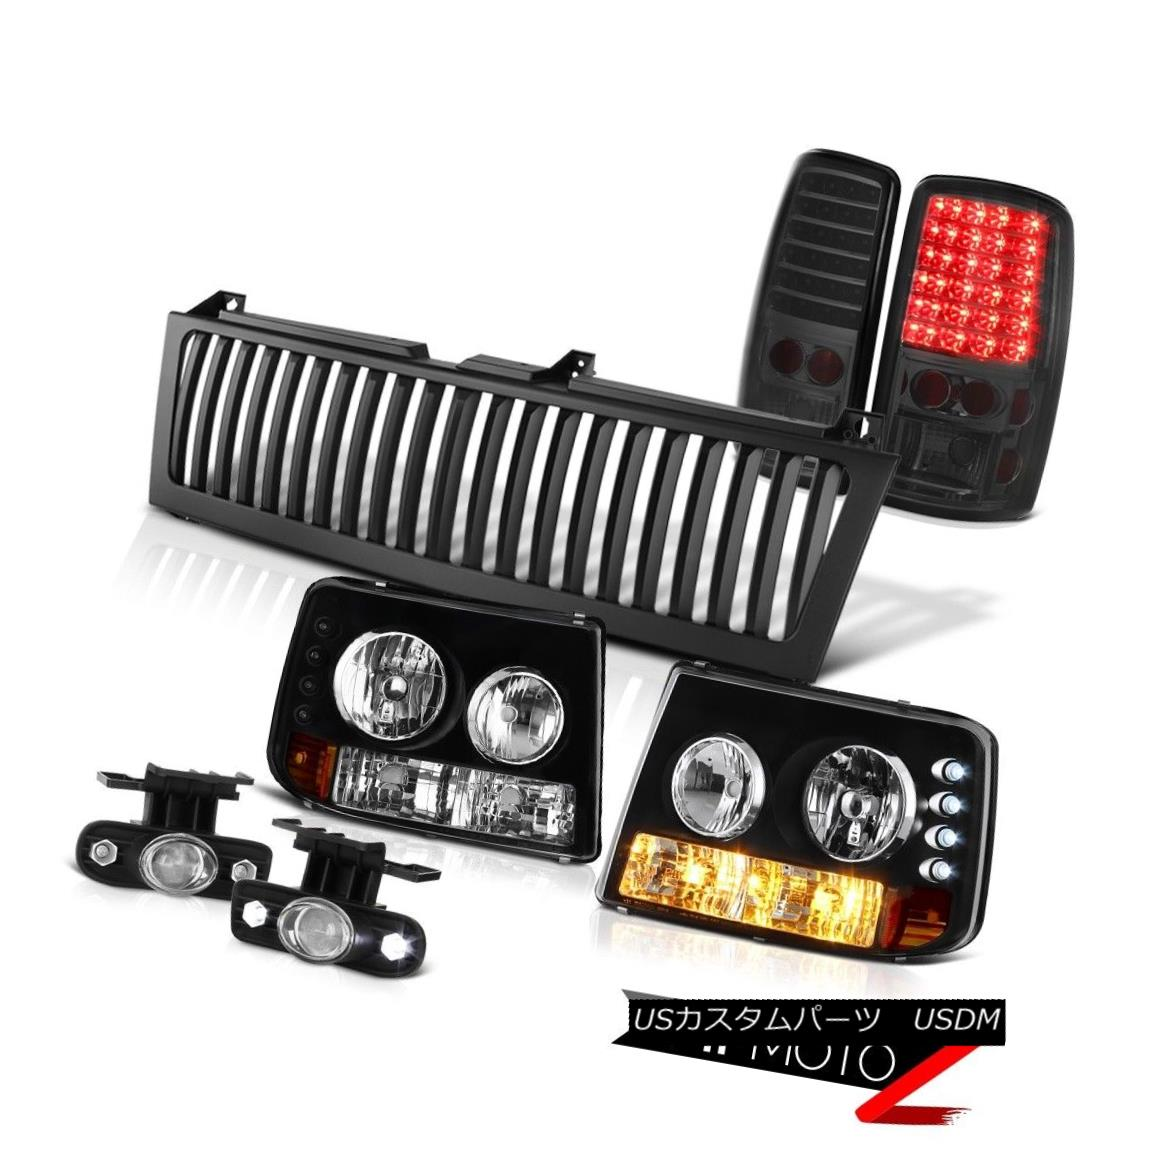 テールライト 00-06 Suburban Headlamps Smoke LED Taillights Projector Chrome Fog Black Grille 00-06郊外ヘッドランプ煙LEDテールライトプロジェクターChrome Fog Black Grille